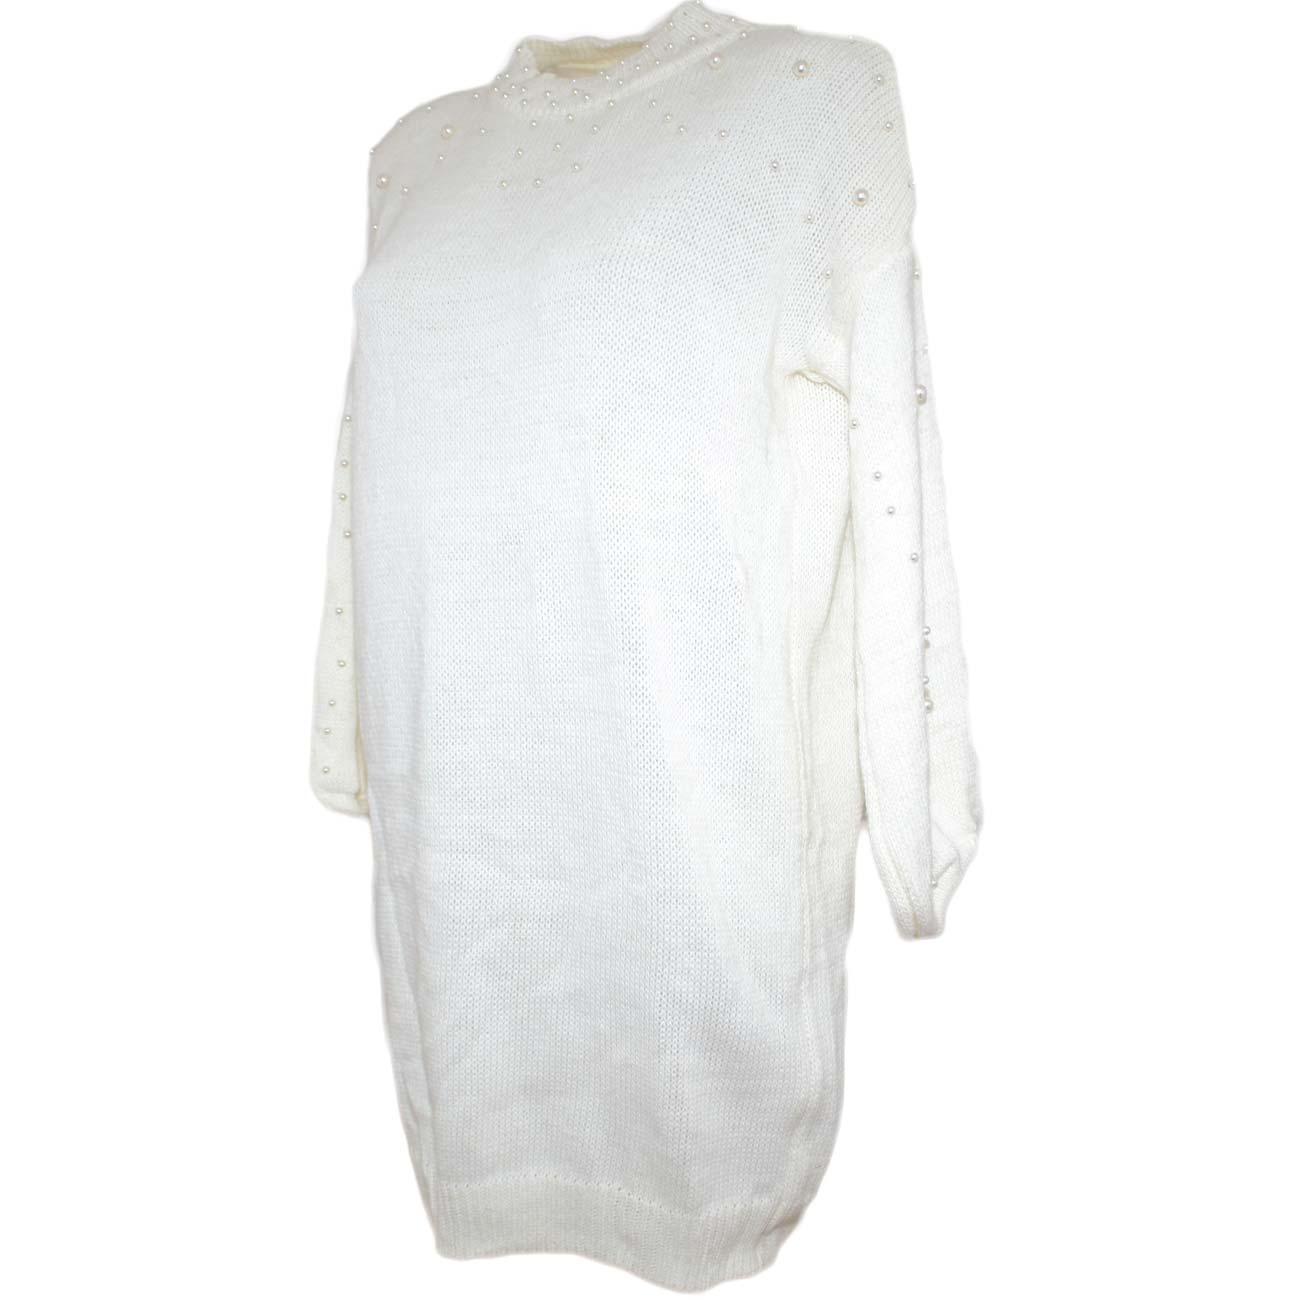 quality design f4b52 180fe Maxi pull maglione donna bianco con manica a palloncino e perline bianche  moda tendenza donna maglioncini Malu Shoes | MaluShoes